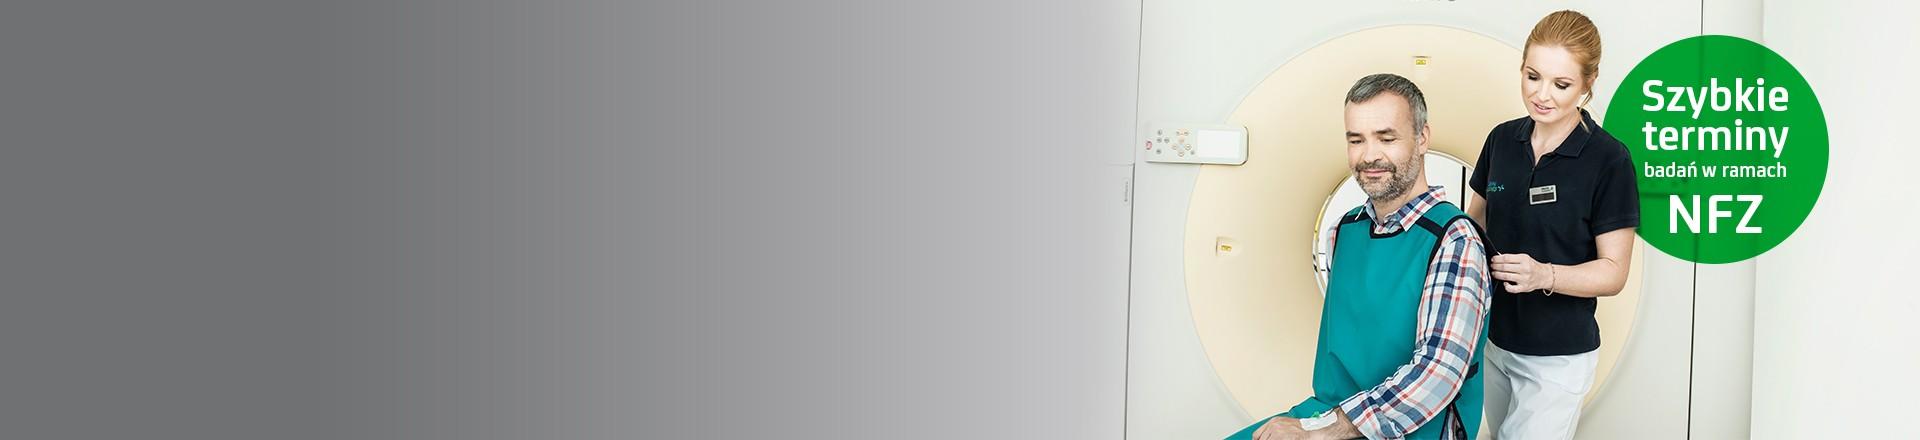 Tomografia komputerowa na NFZ